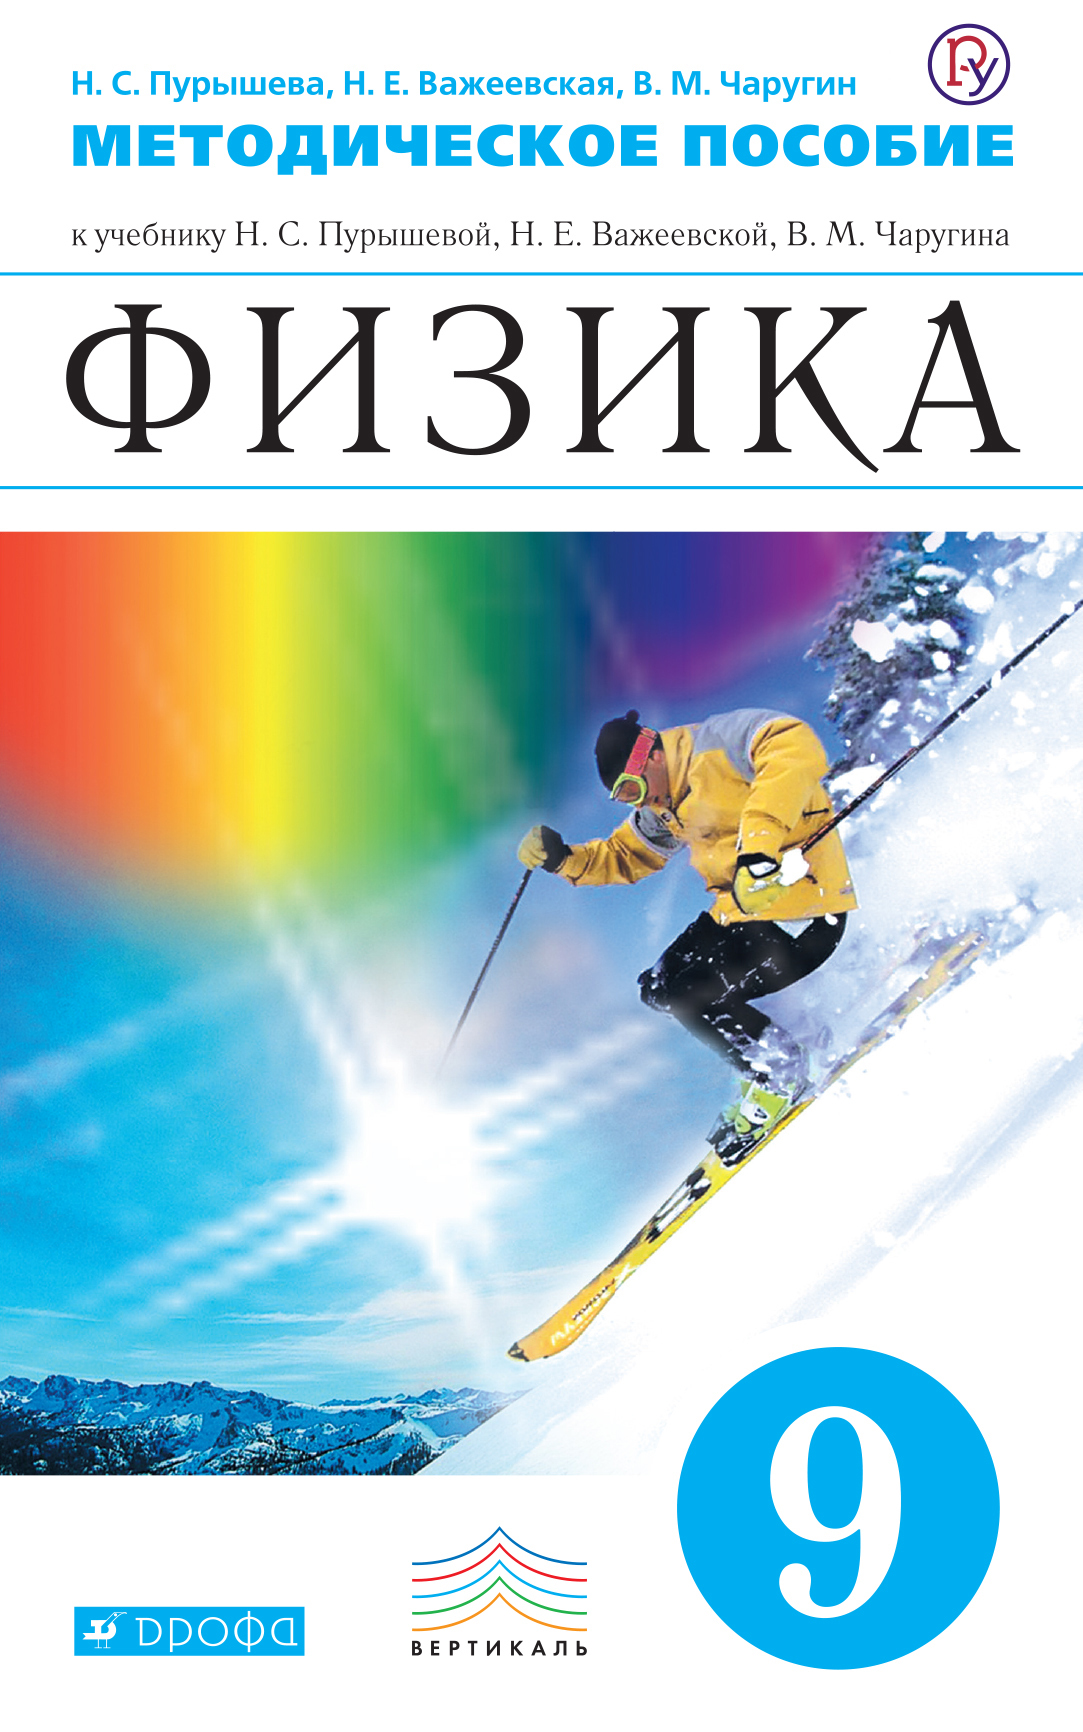 Методическое пособие к учебнику Н. С. Пурышевой, Н. Е. Важеевской, В. М. Чаругина «Физика. 9 класс»